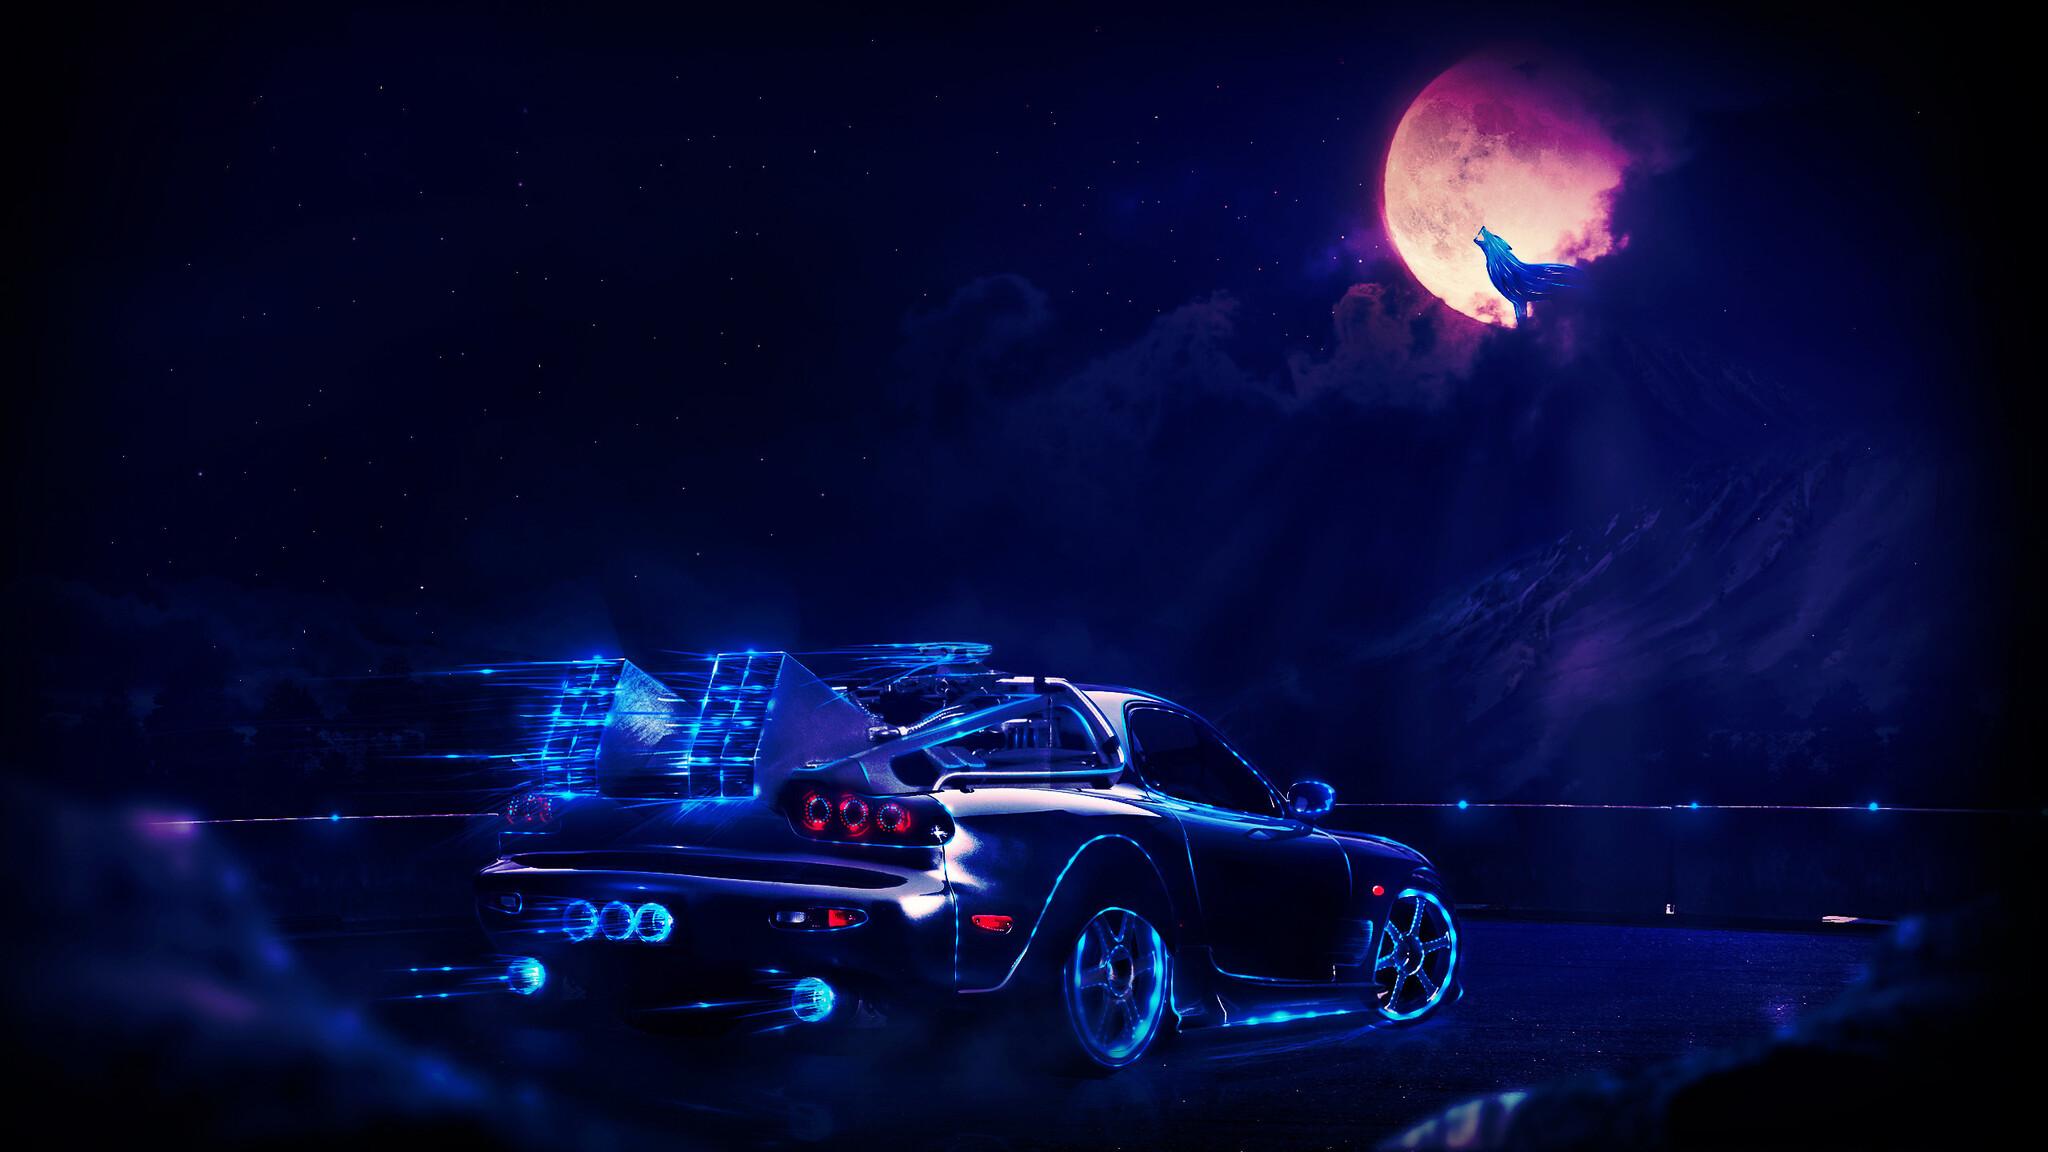 Madza Rx7 Neon Wolf Night Artwork Mz